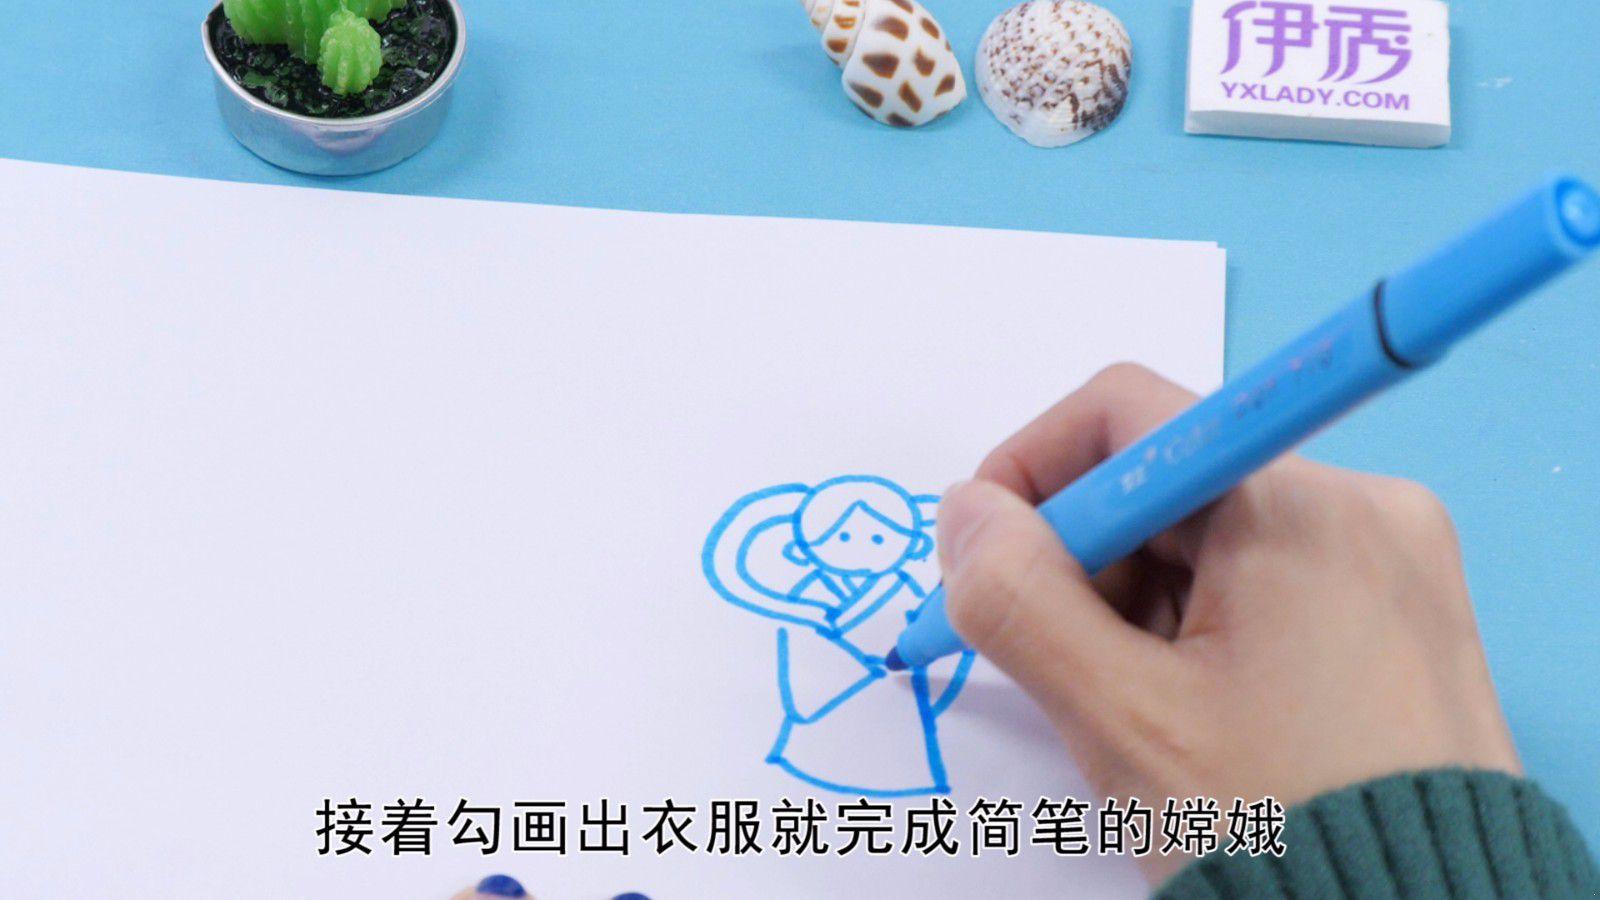 嫦娥简笔画教程 原来真的这么简单